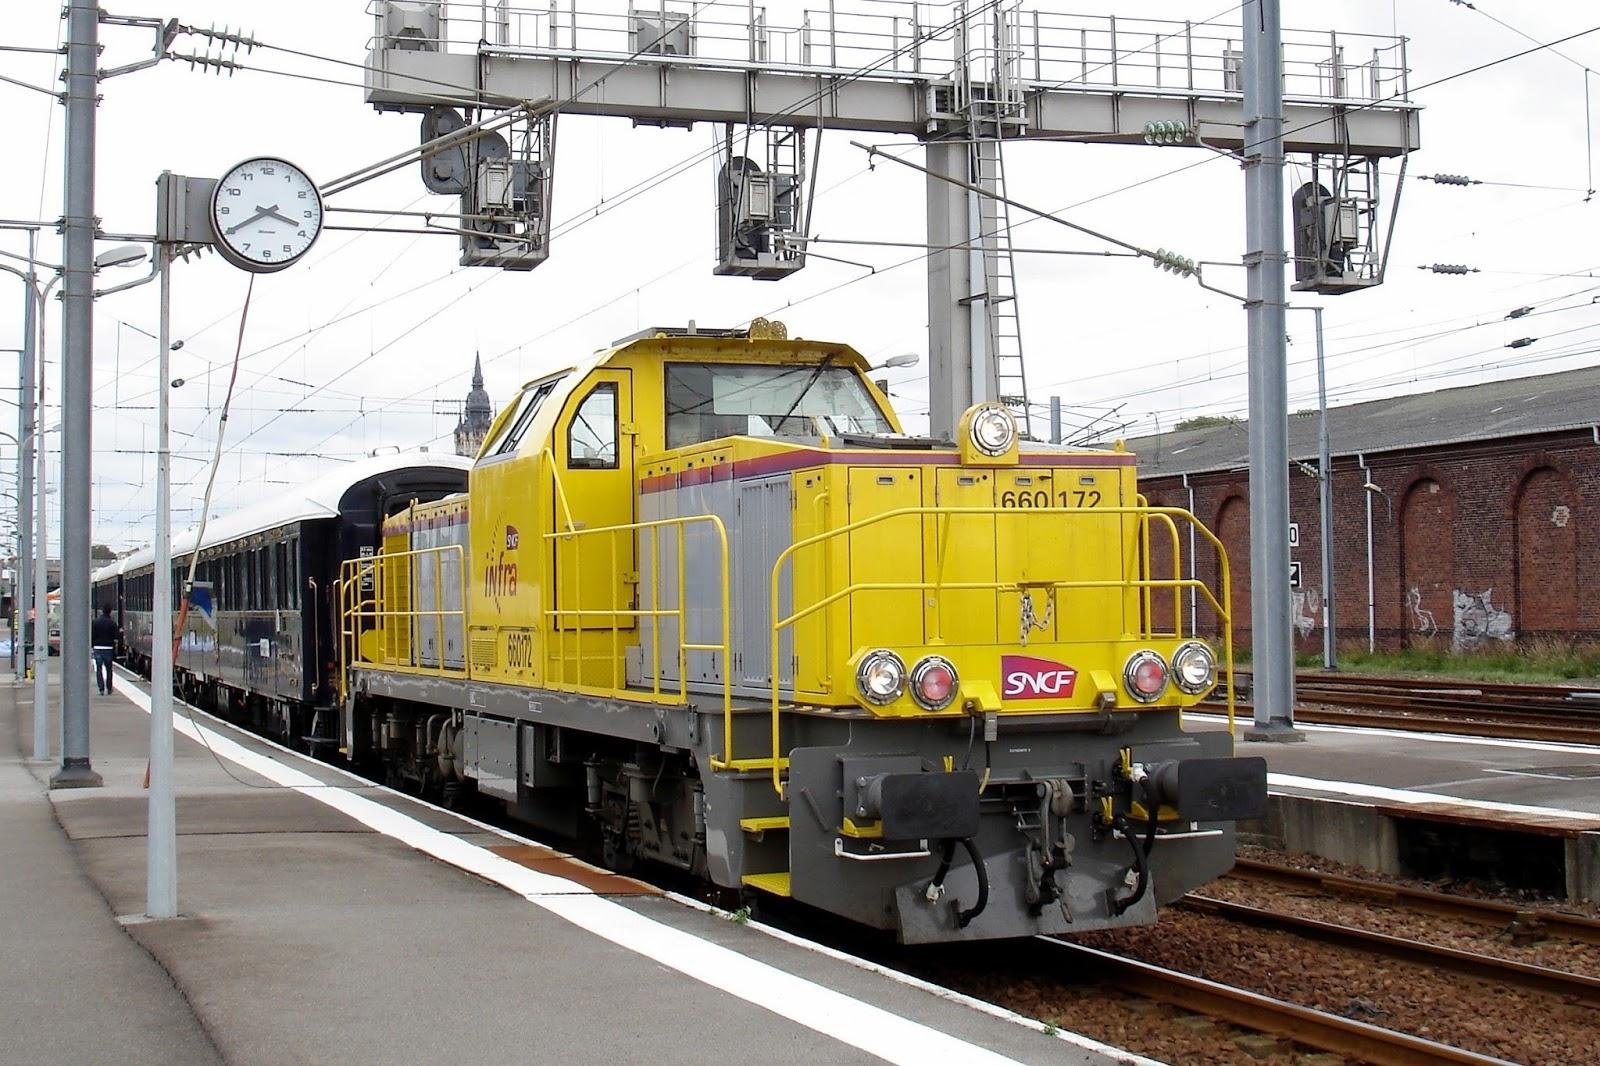 Horaire De Train De Paris A Calais Ville Aujourd Hui